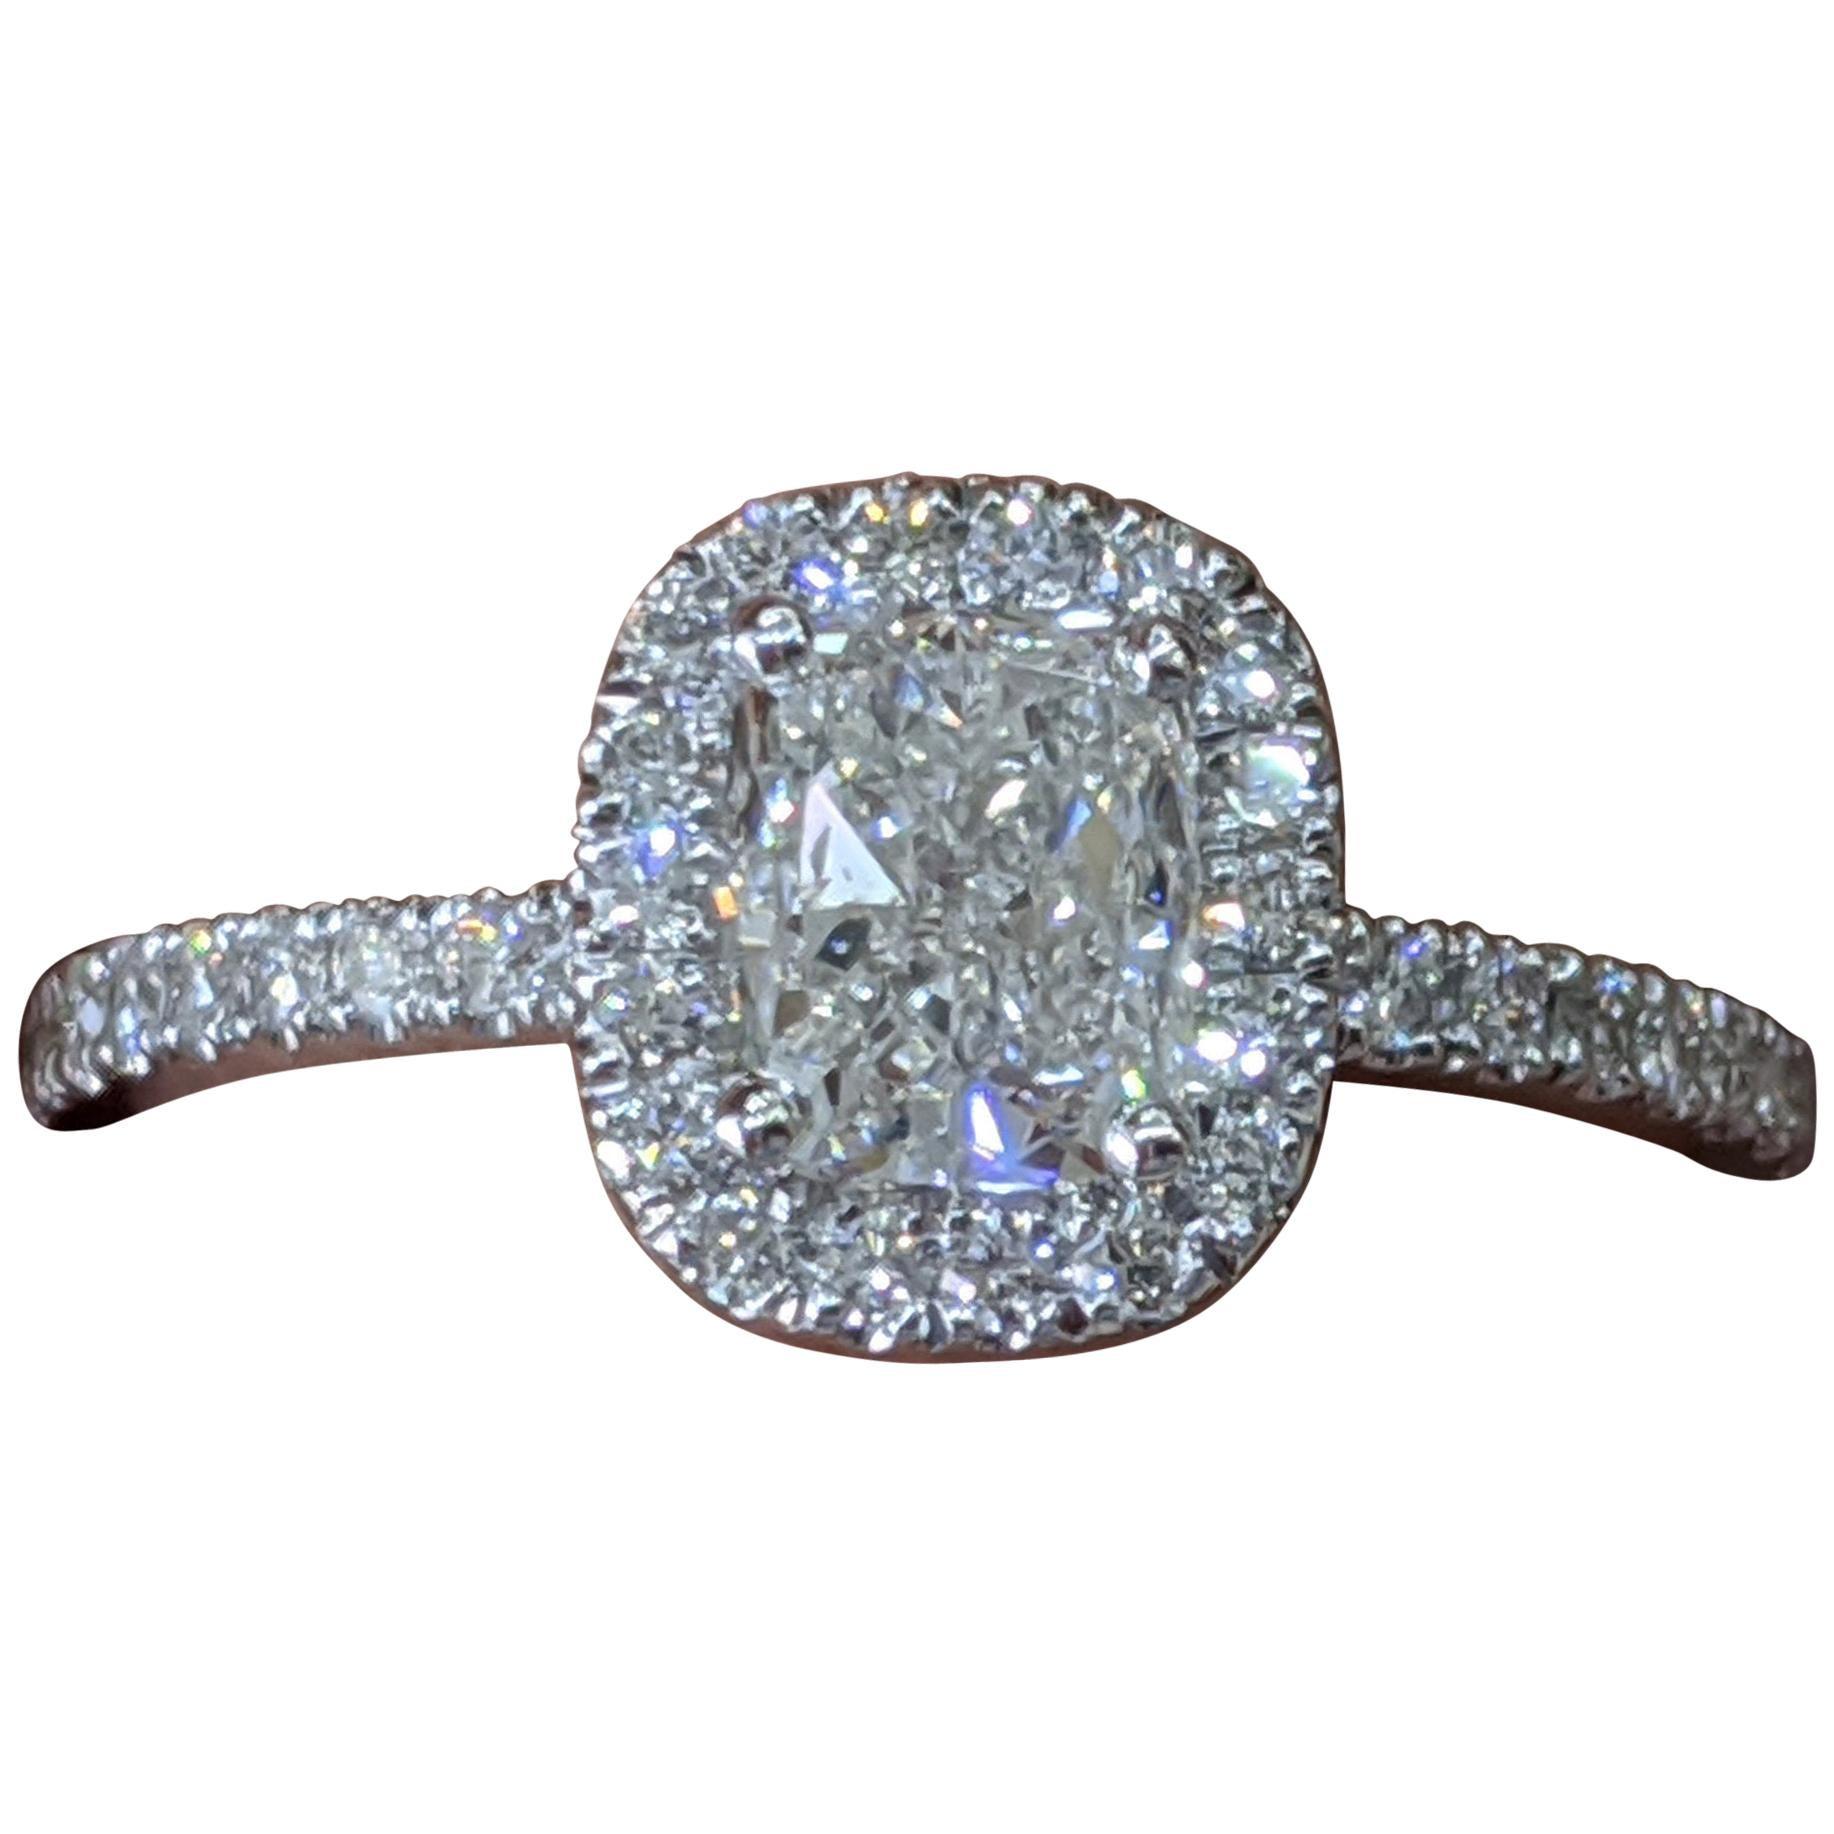 1 1/3 Carat 14 Karat White Gold Elongated Cushion Diamond Engagement Ring